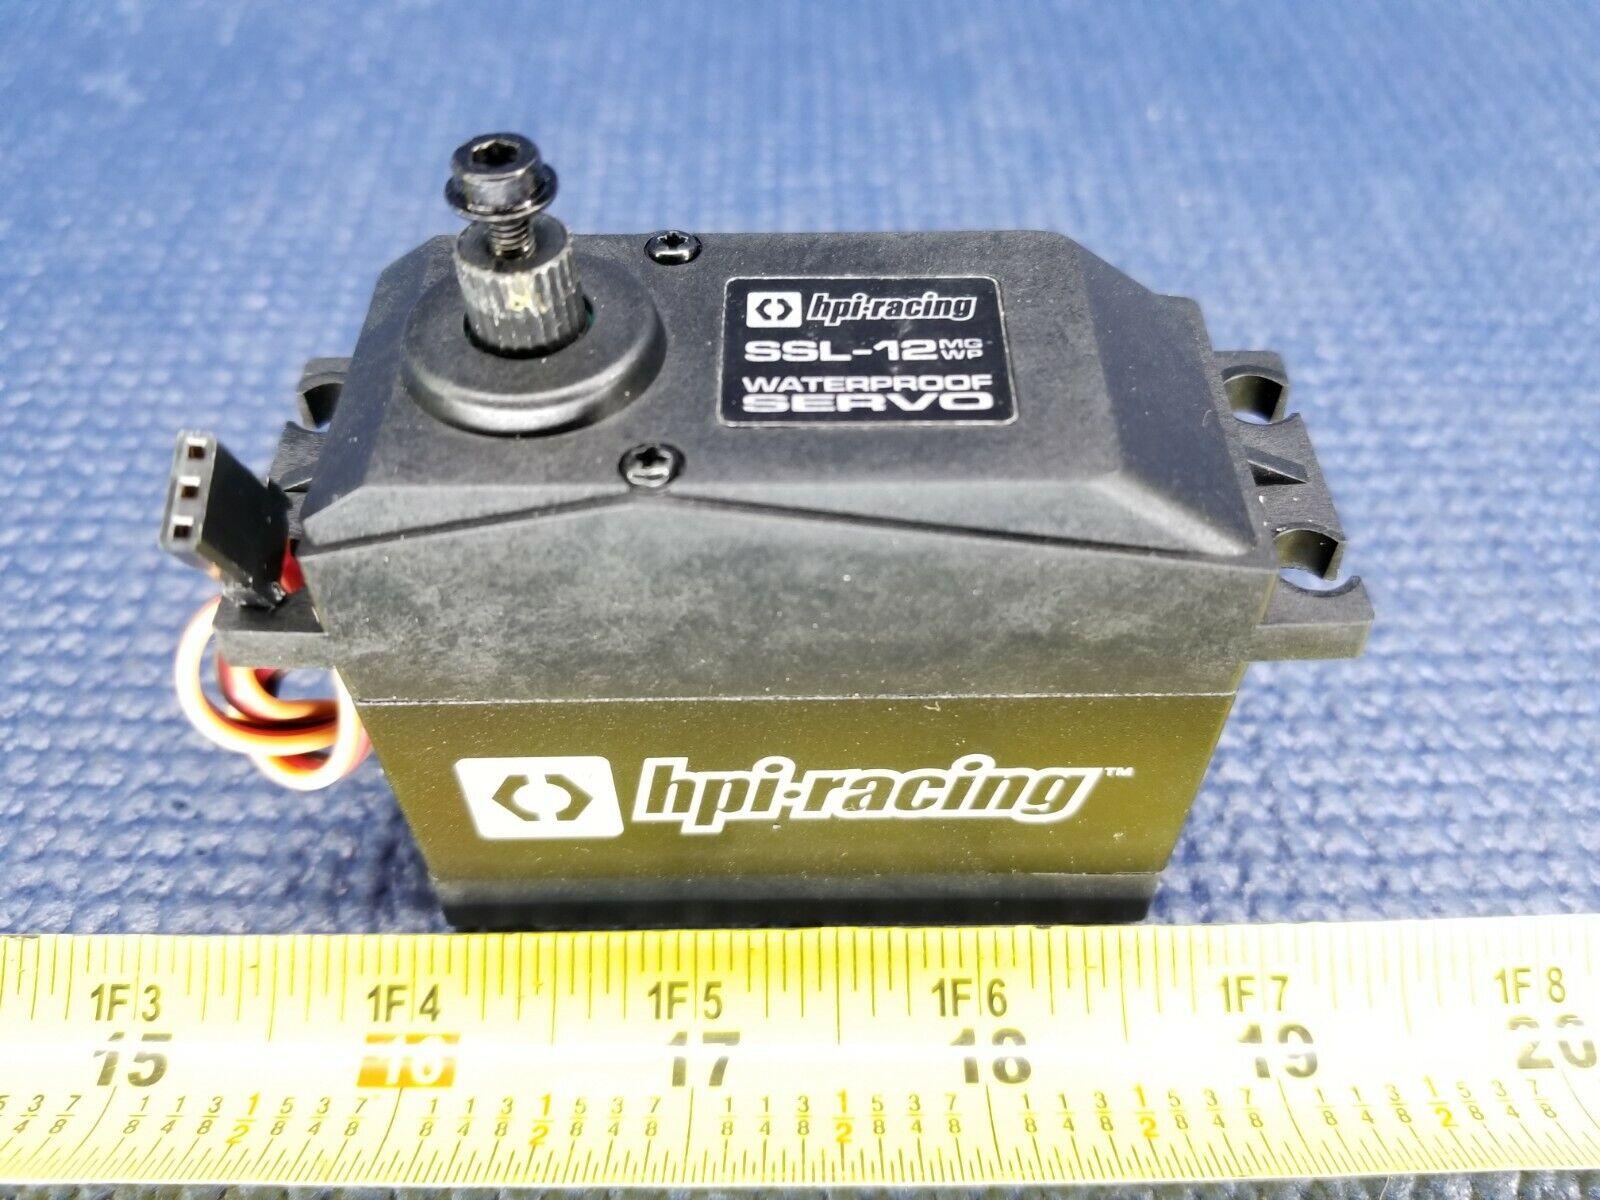 NEW HPI120020 SSL-12MGWP Servo Waterproof 7.4v  35kg Metal Geared Baja 5B  5T